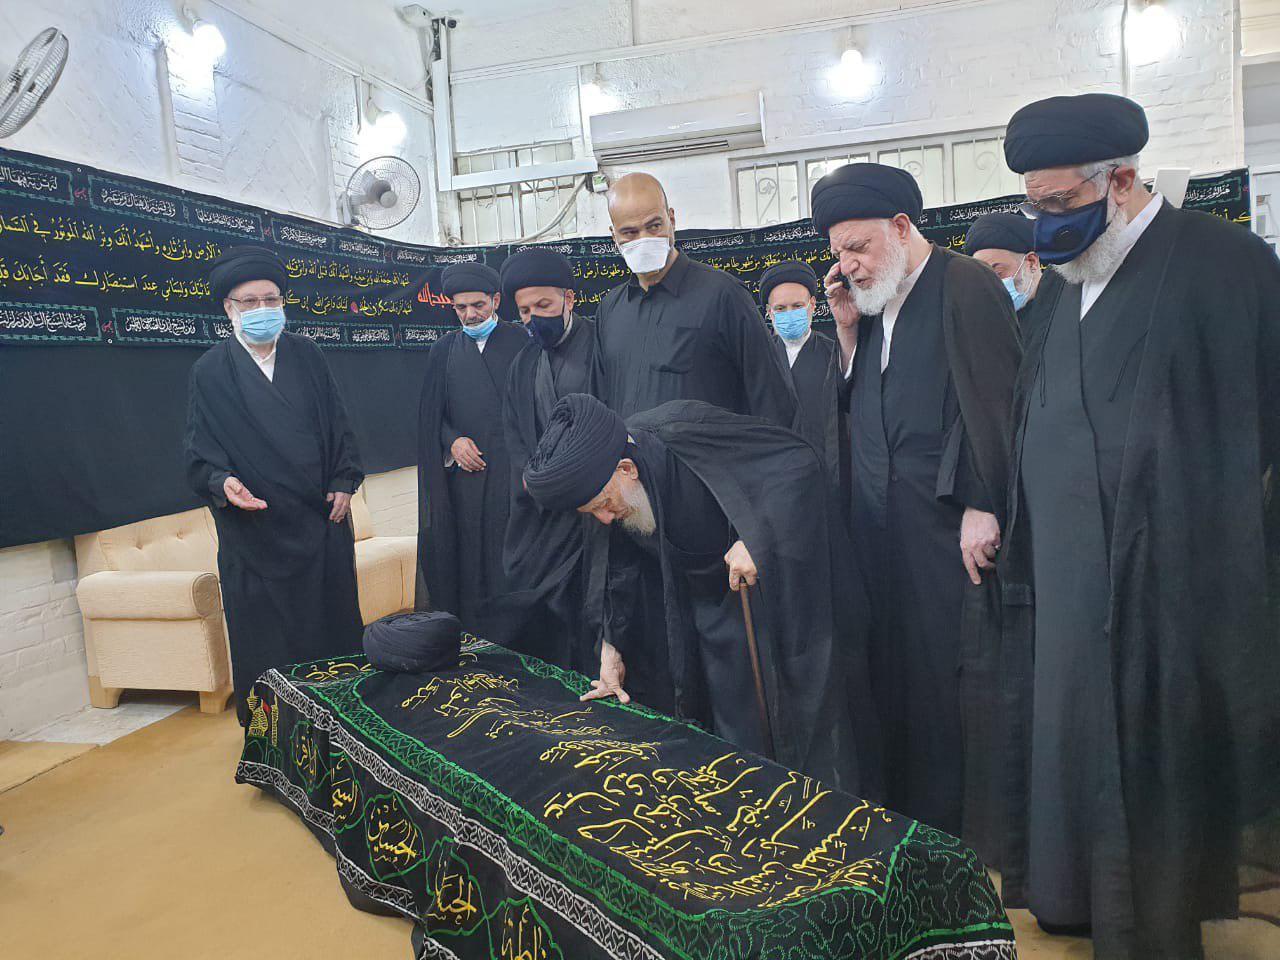 بالصور: اقامة صلاة الجنازة على جثمان السيد محمد حسين الحكيم